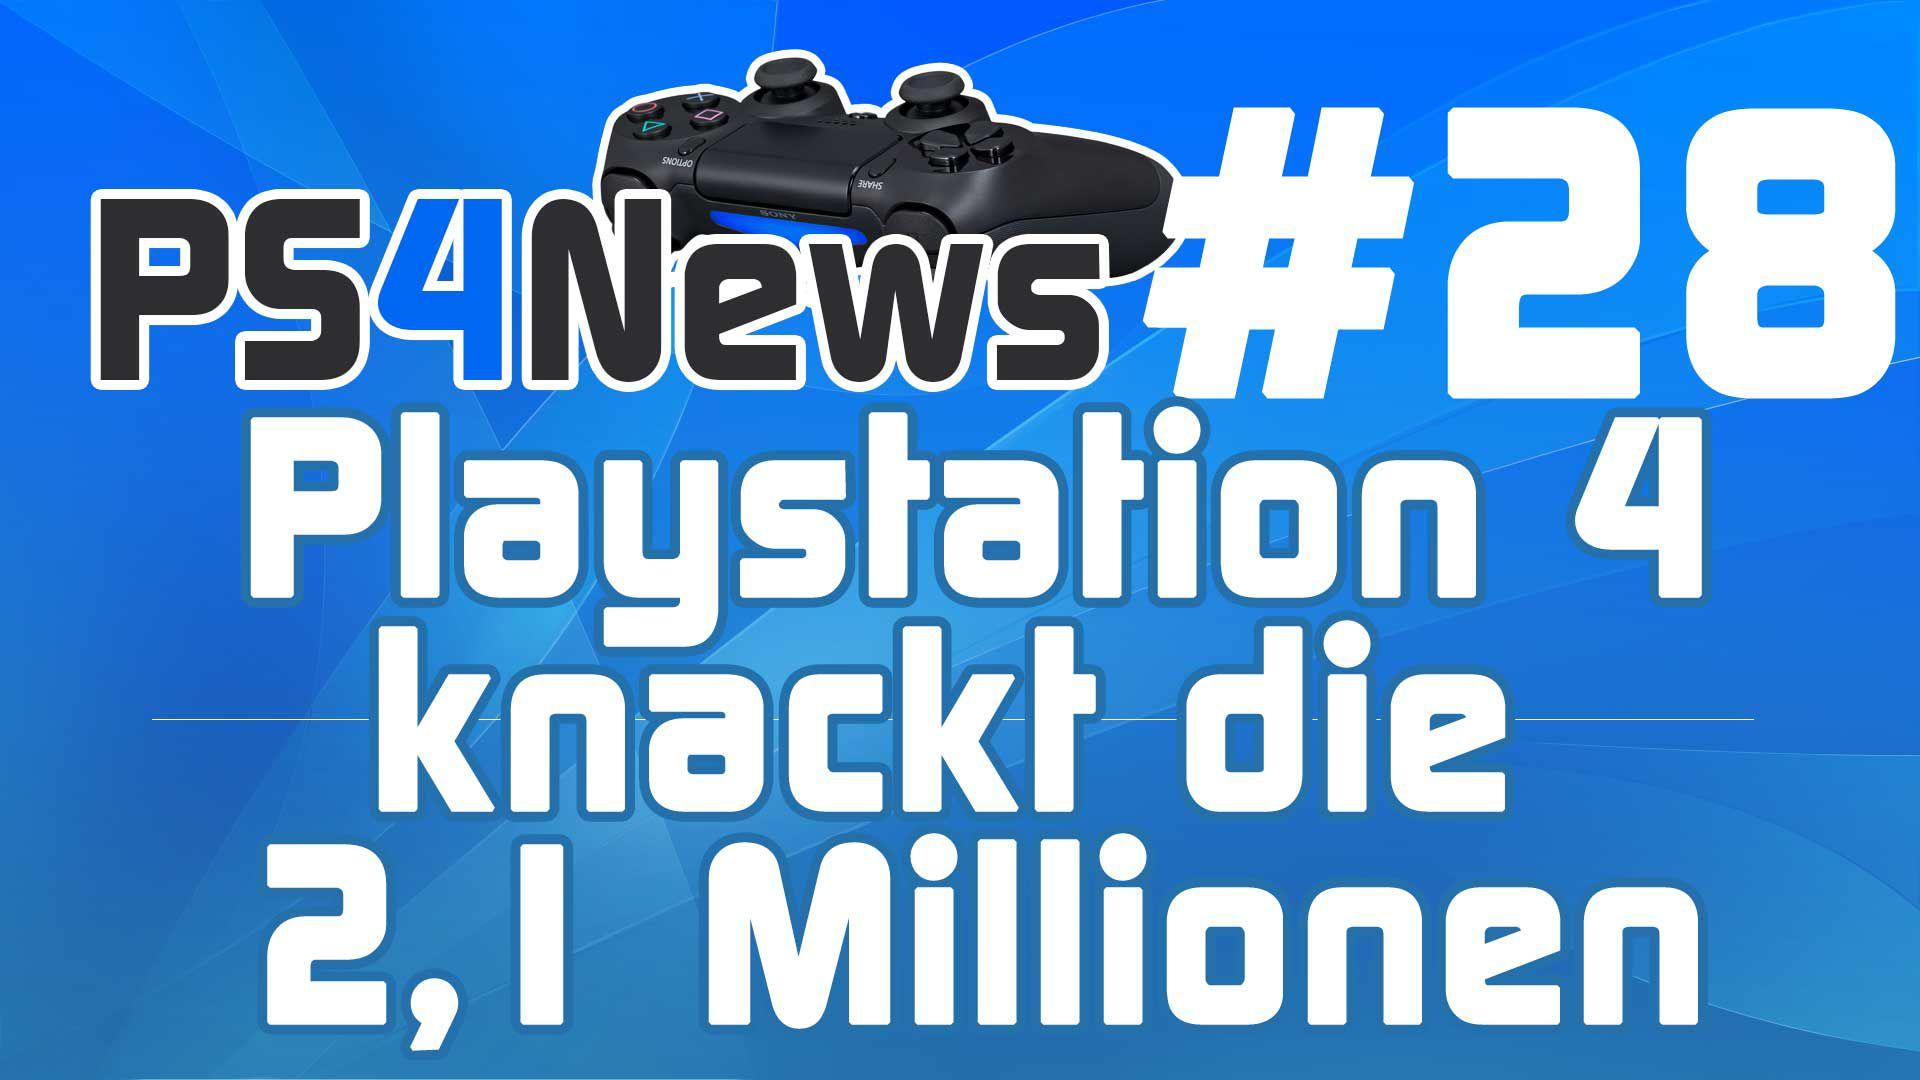 Die PlayStation 4 knackt die 2,1 Millionen PS4 News und Neuigkeiten